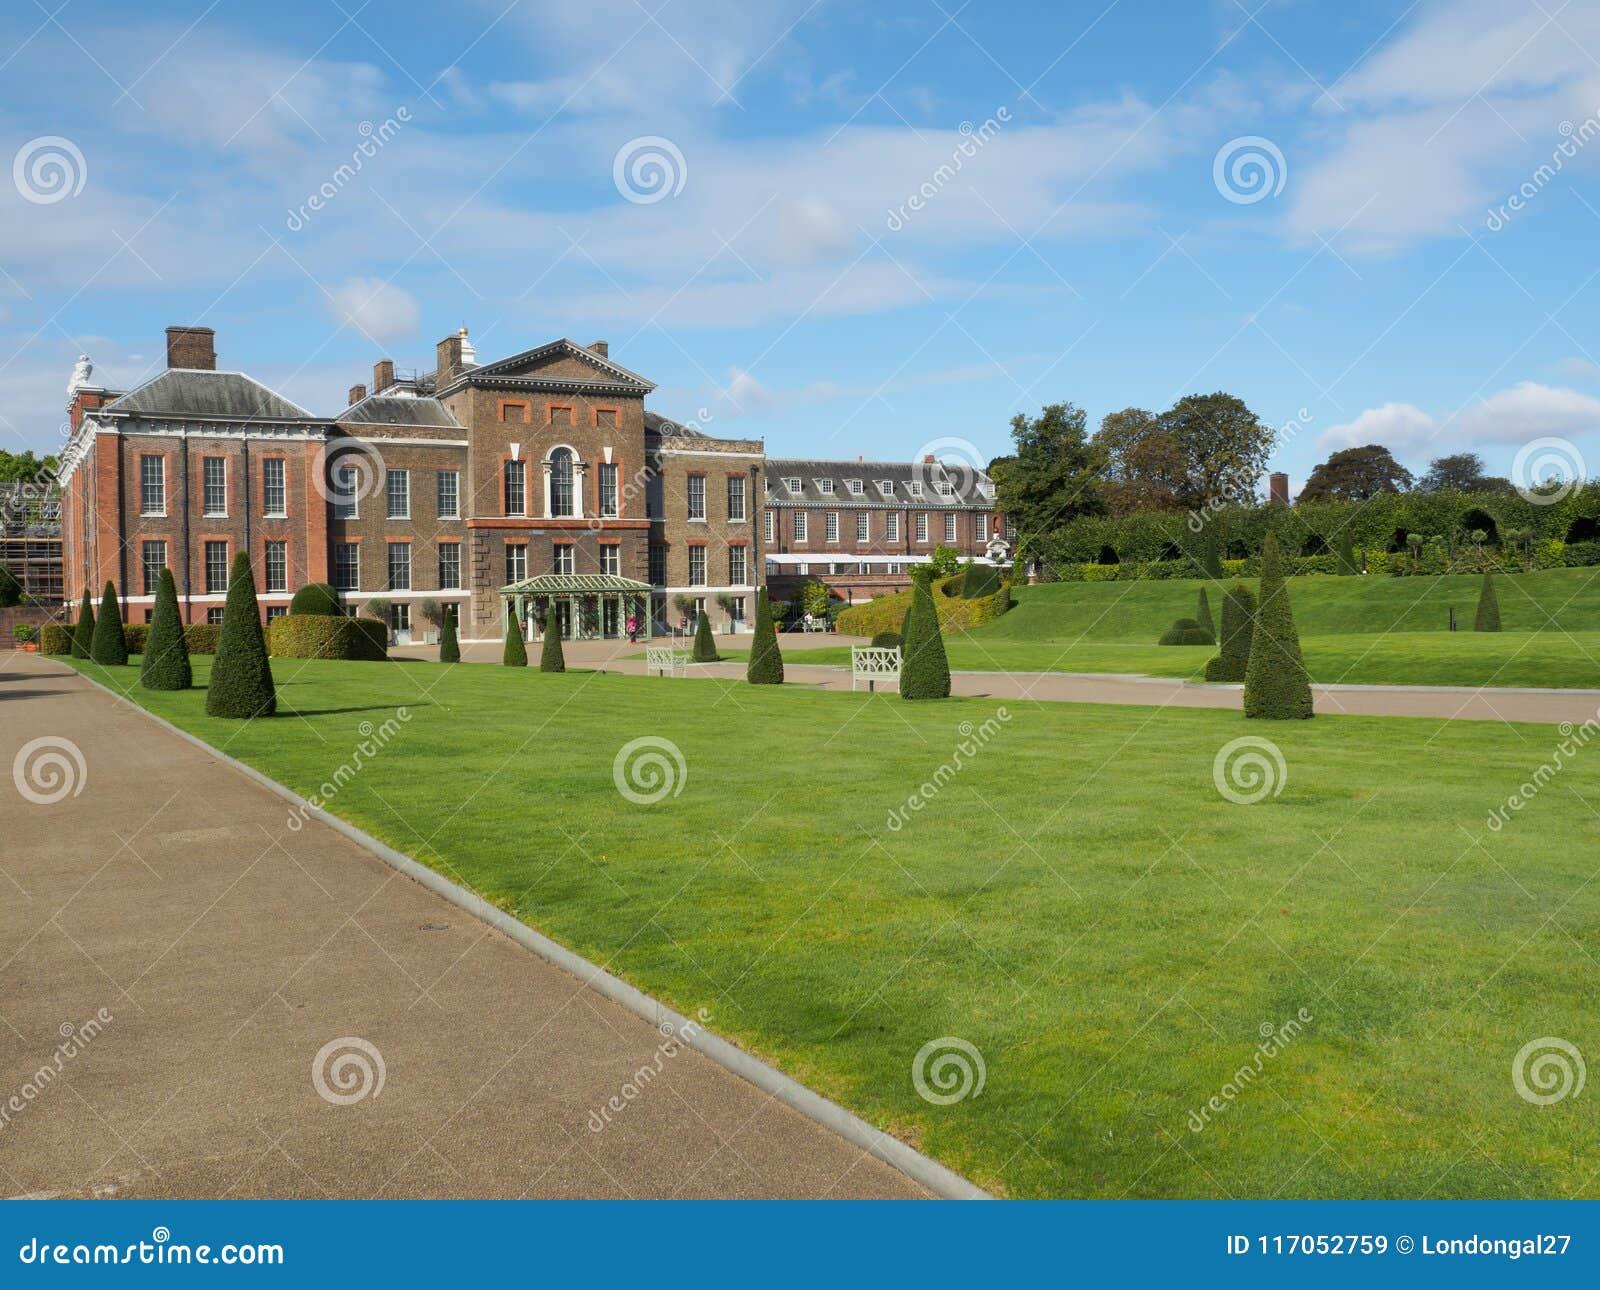 Vue de palais de Kensington, une résidence royale située dans des jardins de Kensington à Londres, R-U un jour ensoleillé